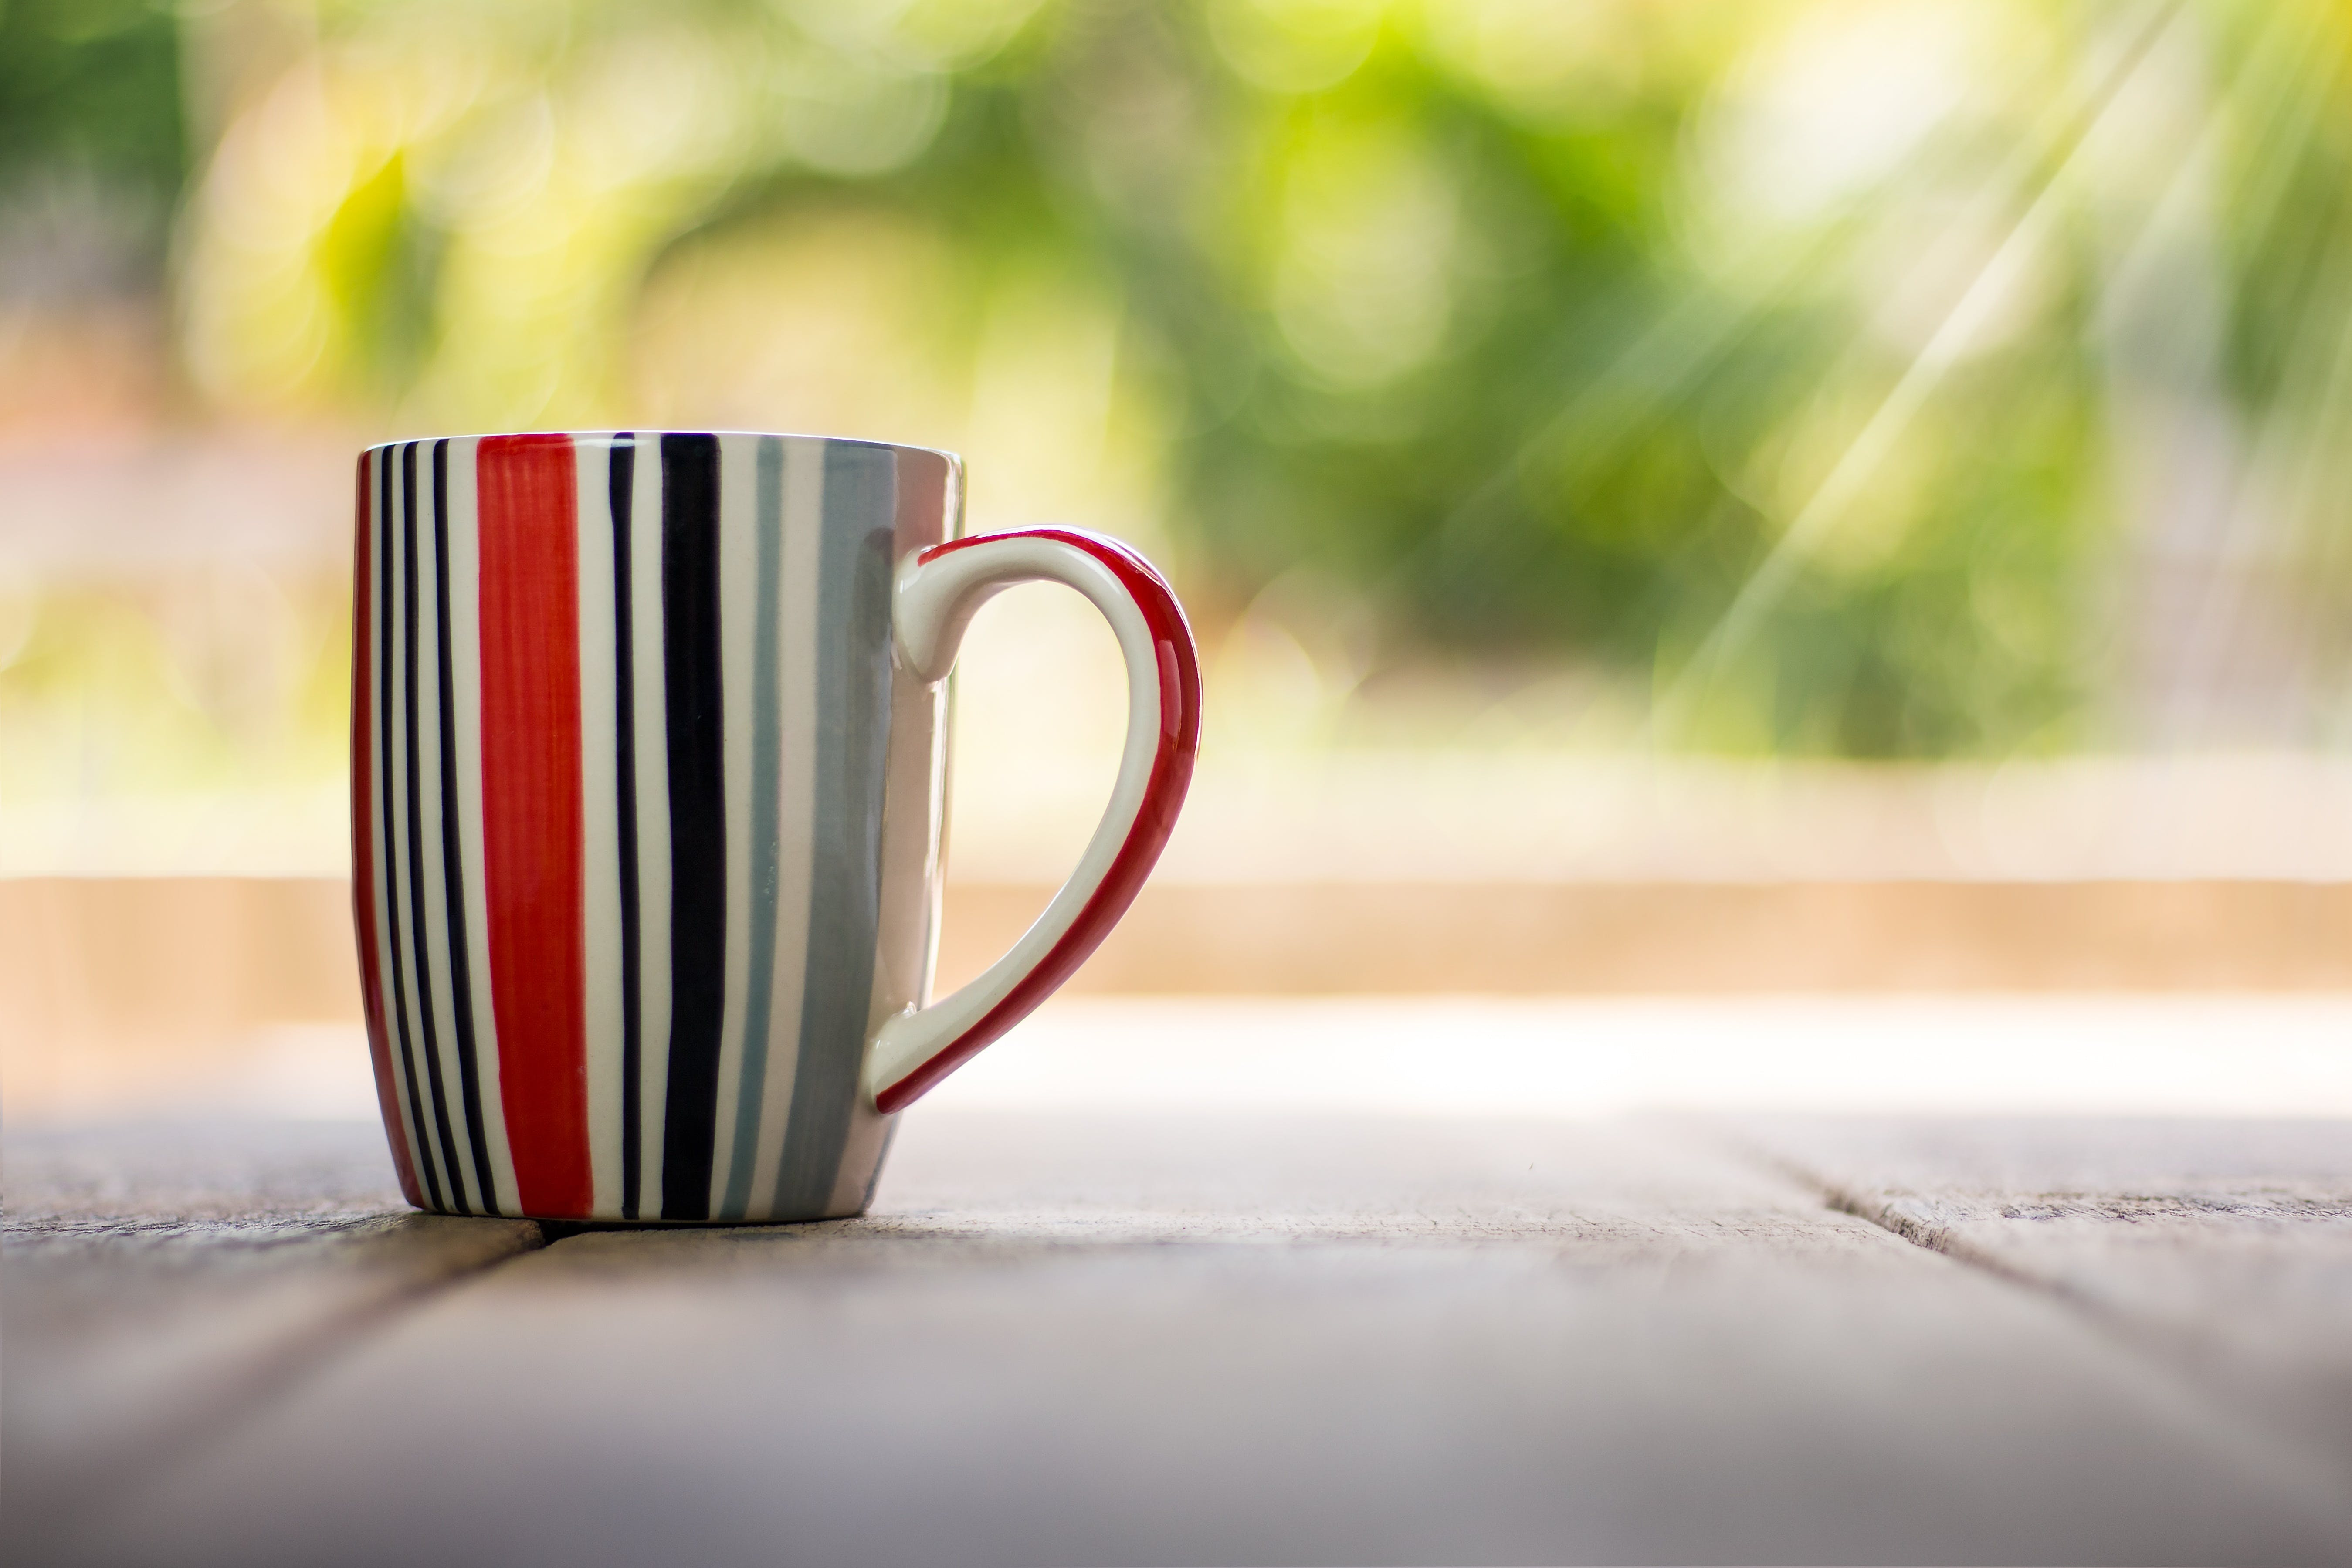 Selective Focus Photography of Mug